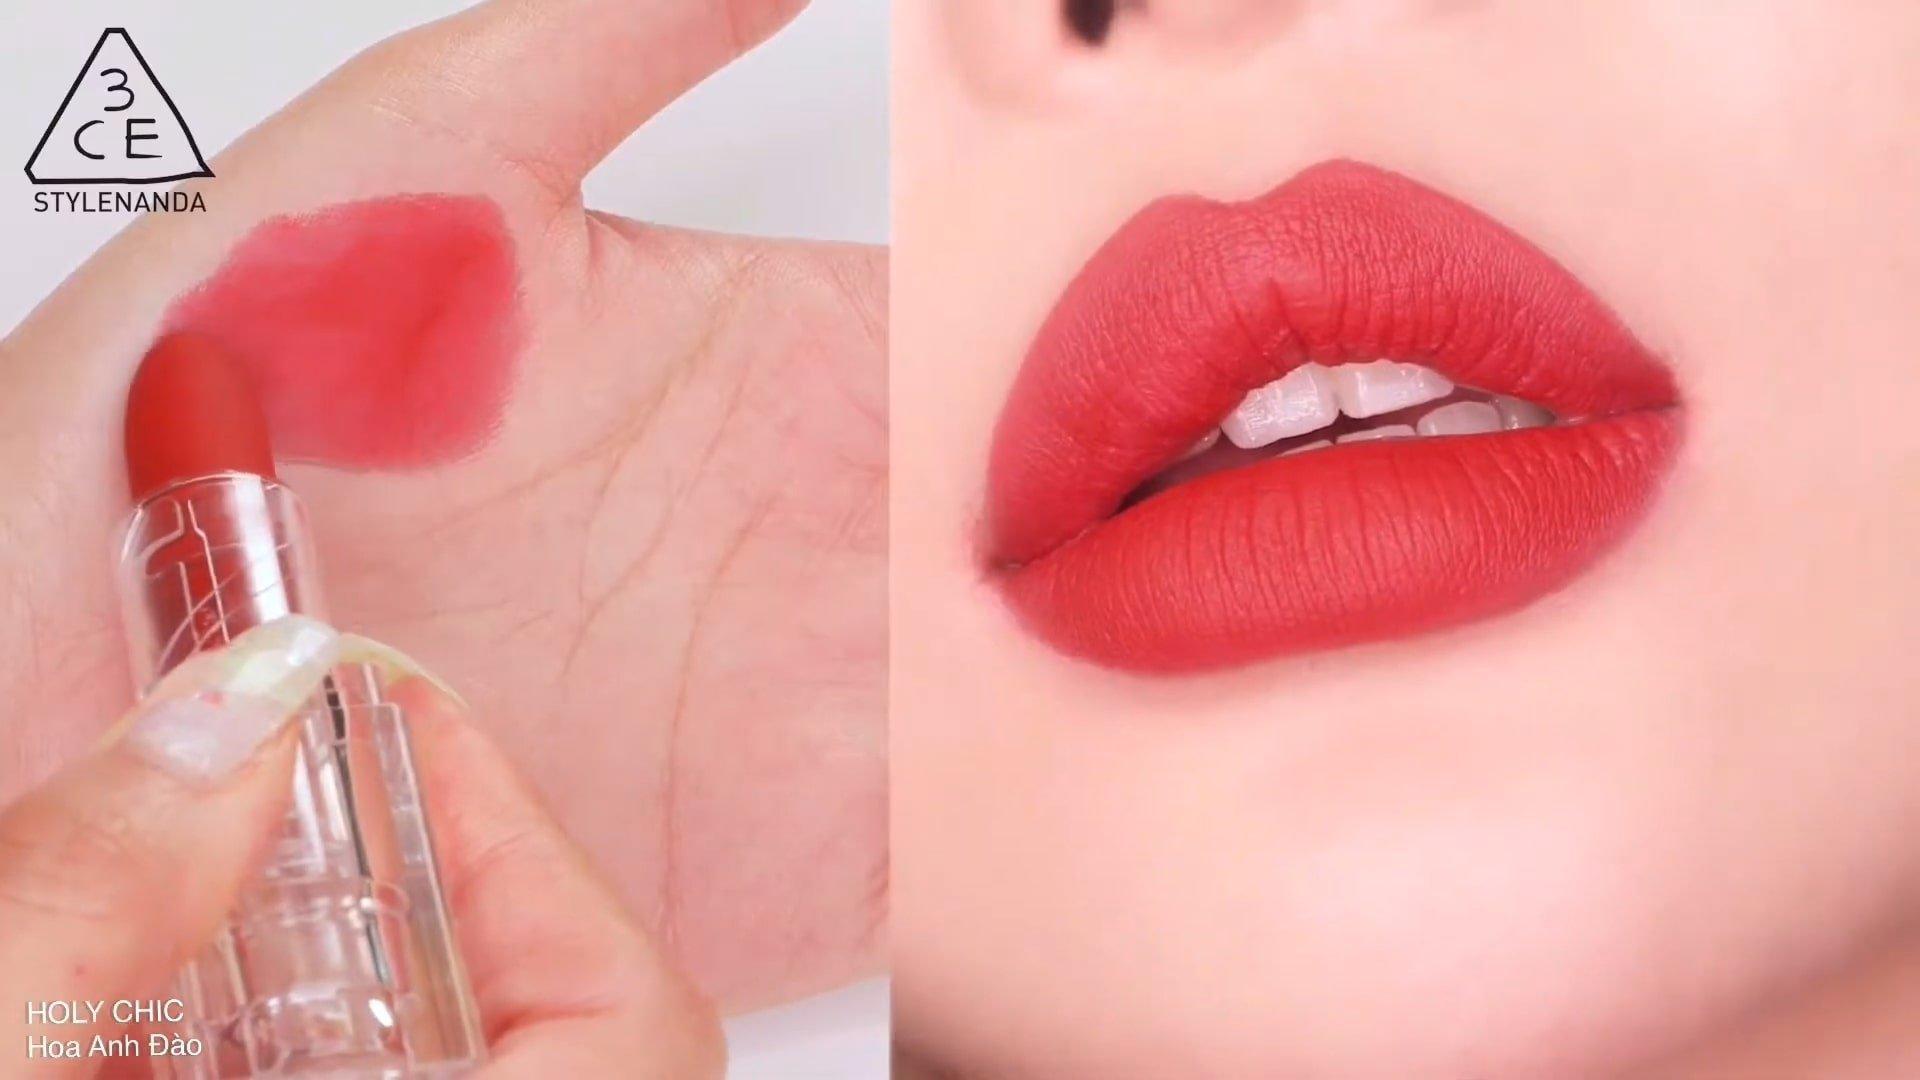 Holy Chic là sắc son đỏ hồng có ánh chút tím nhẹ, vừa an toàn lại không quá nhàm chán. (nguồn: Internet(